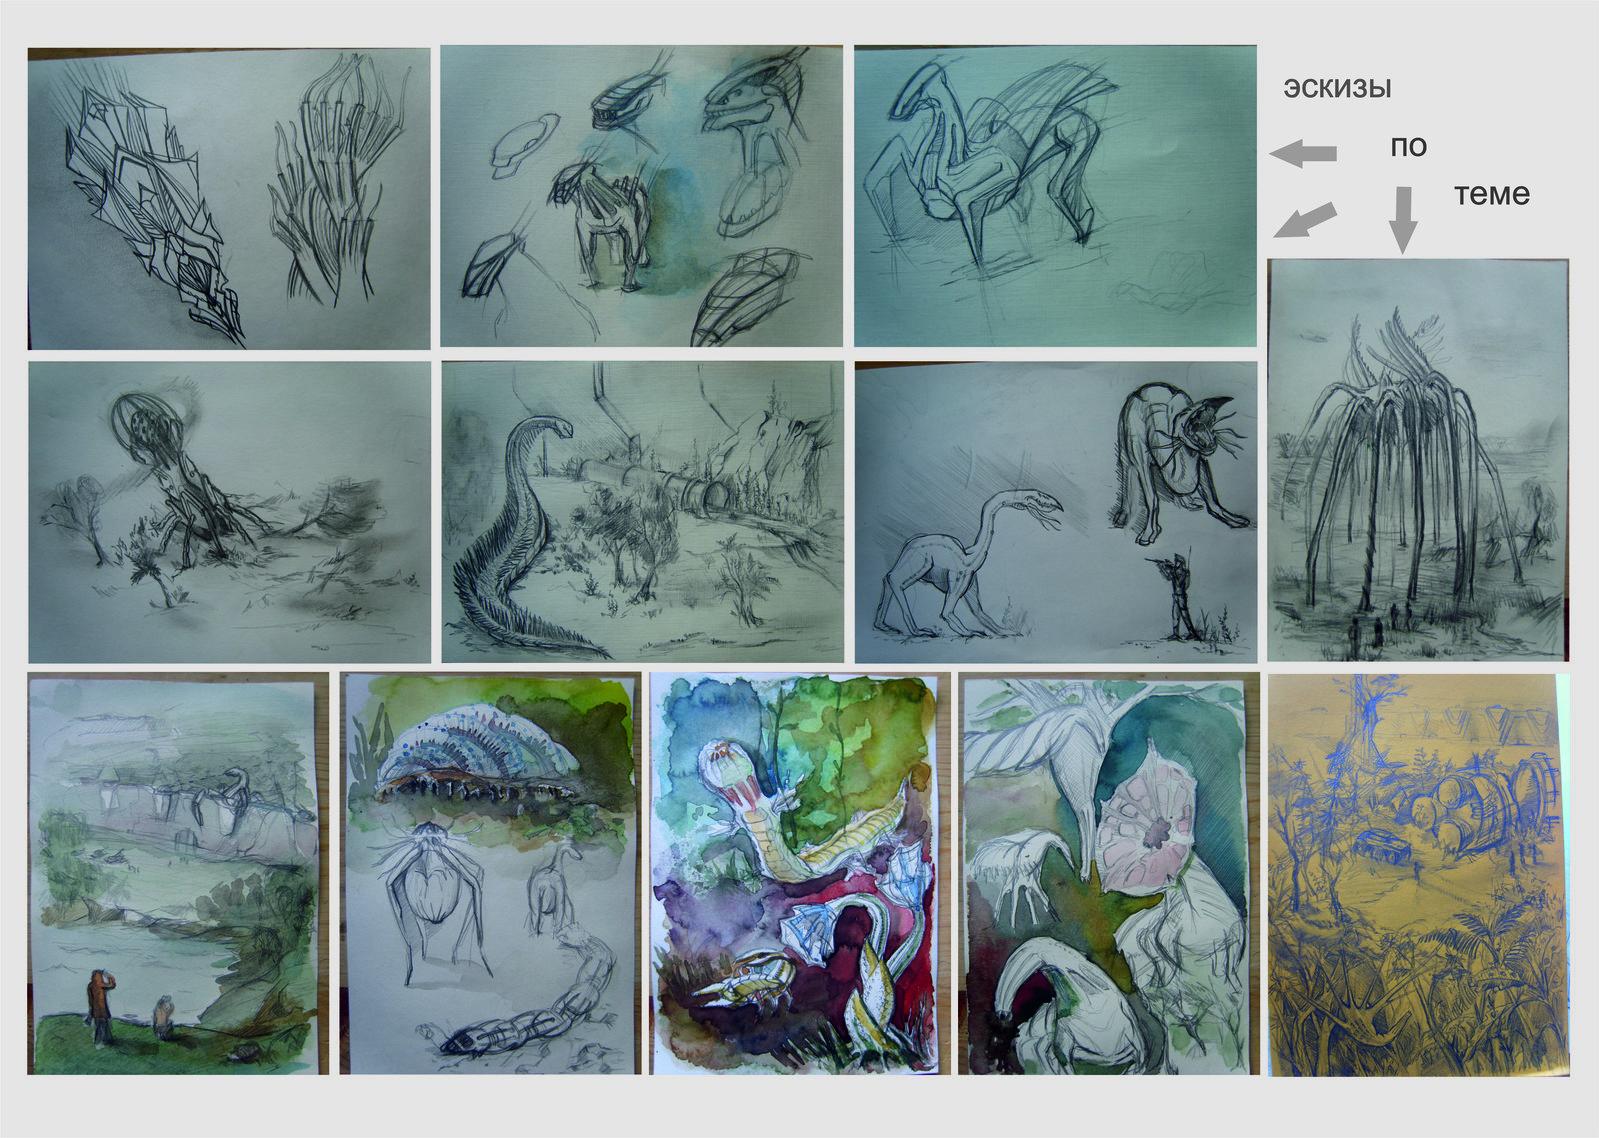 рисунки эскизы 33.jpg